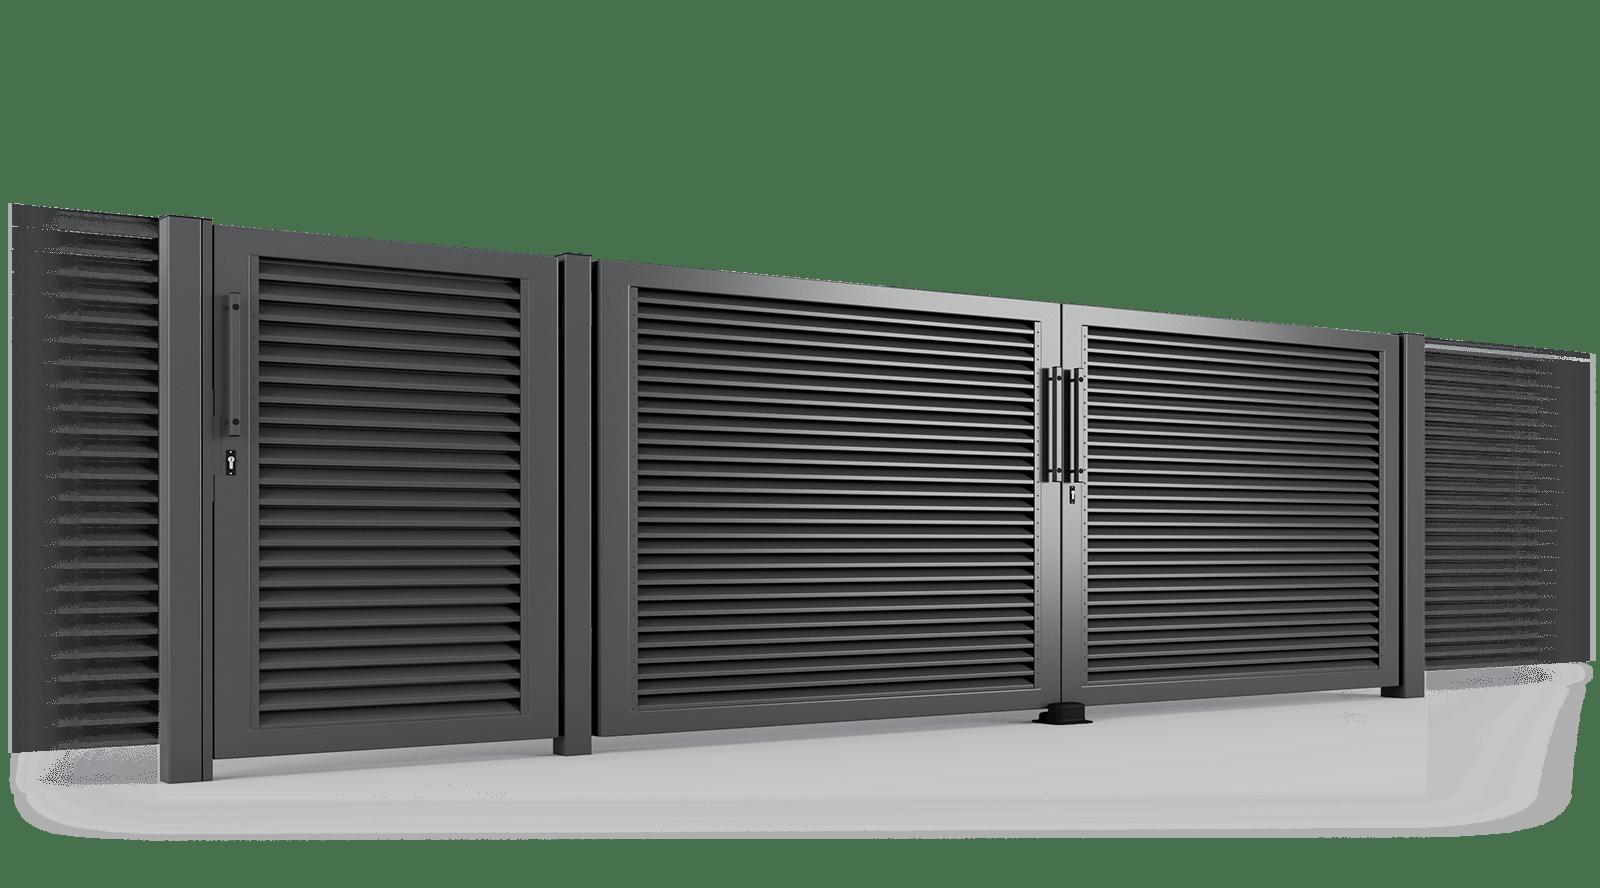 brama uchylna ogrodzenie palisadowe żaluzyjne PS 004 BORDER KONSPORT